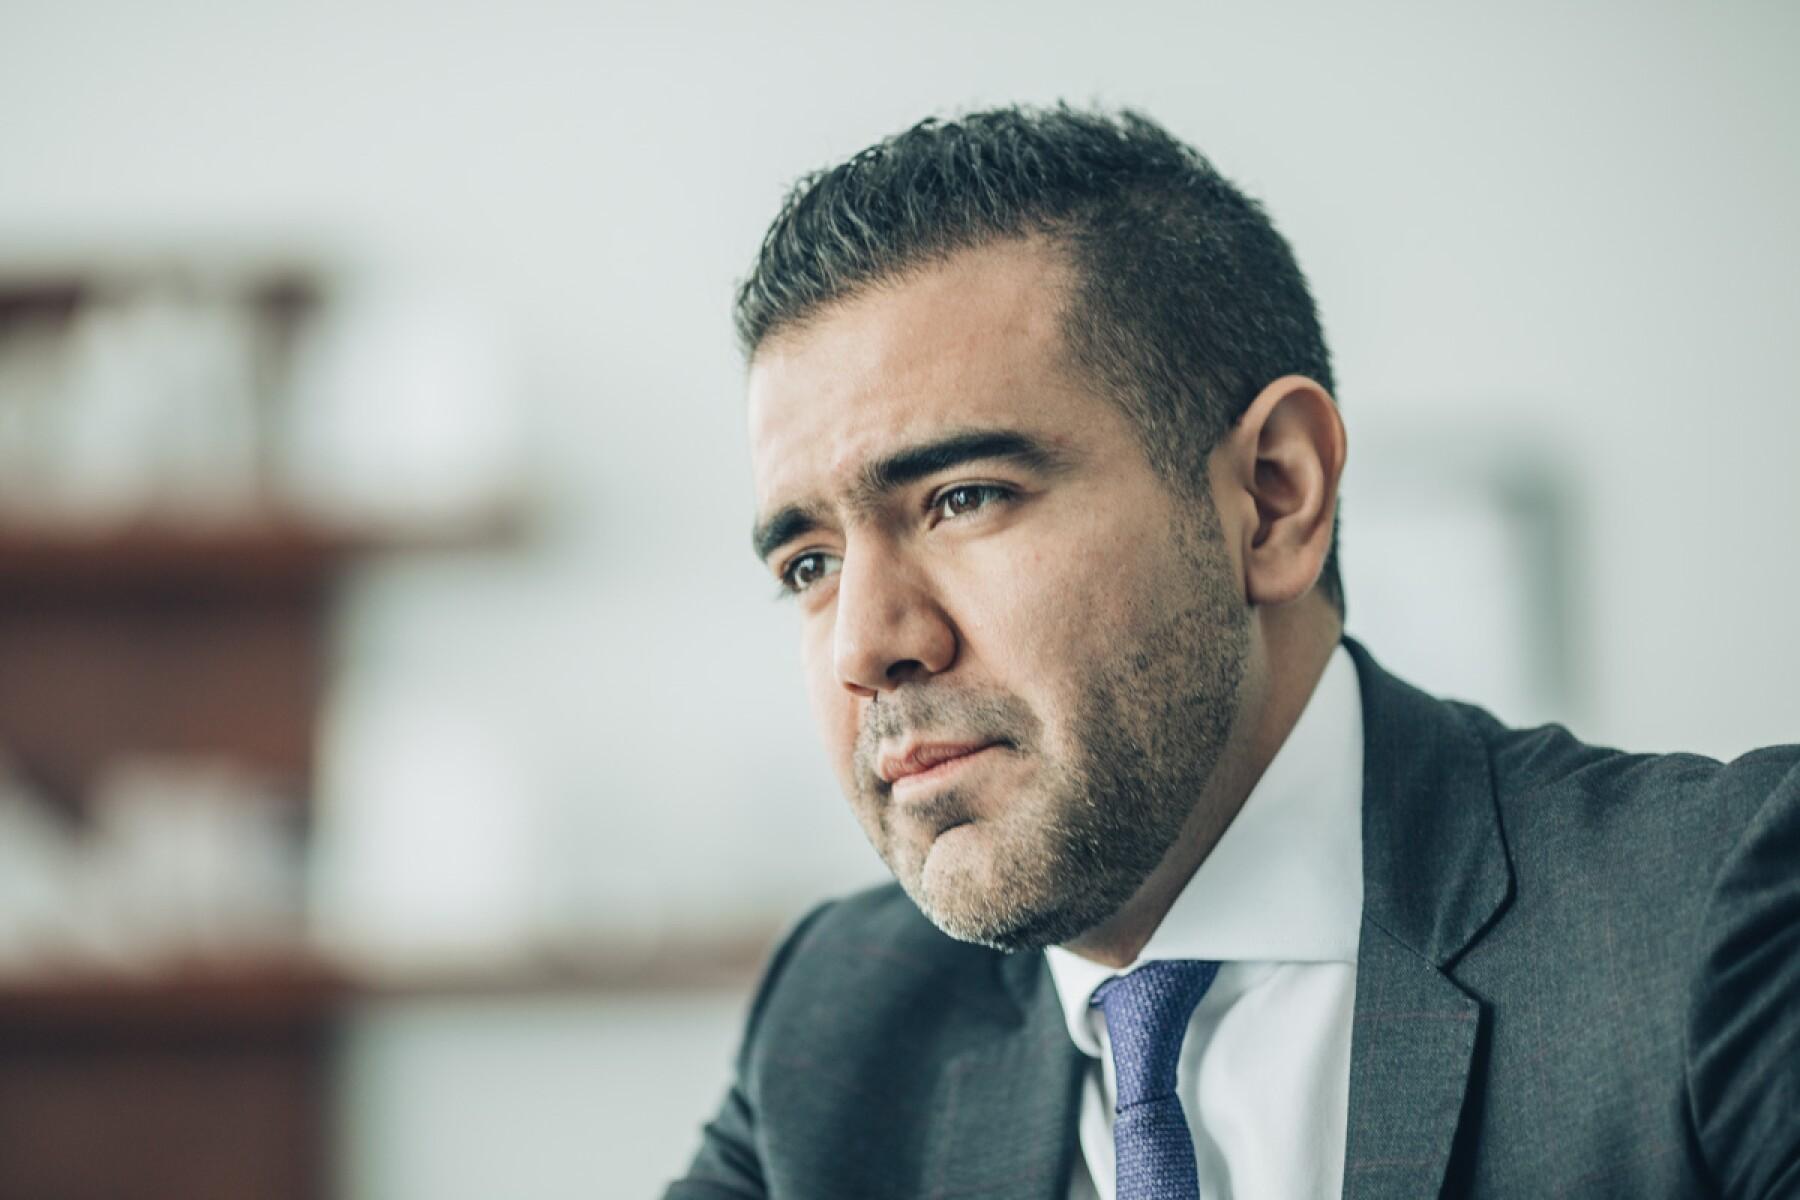 Fernando Montes de Oca, director general de la agencia calificadora HR Ratings